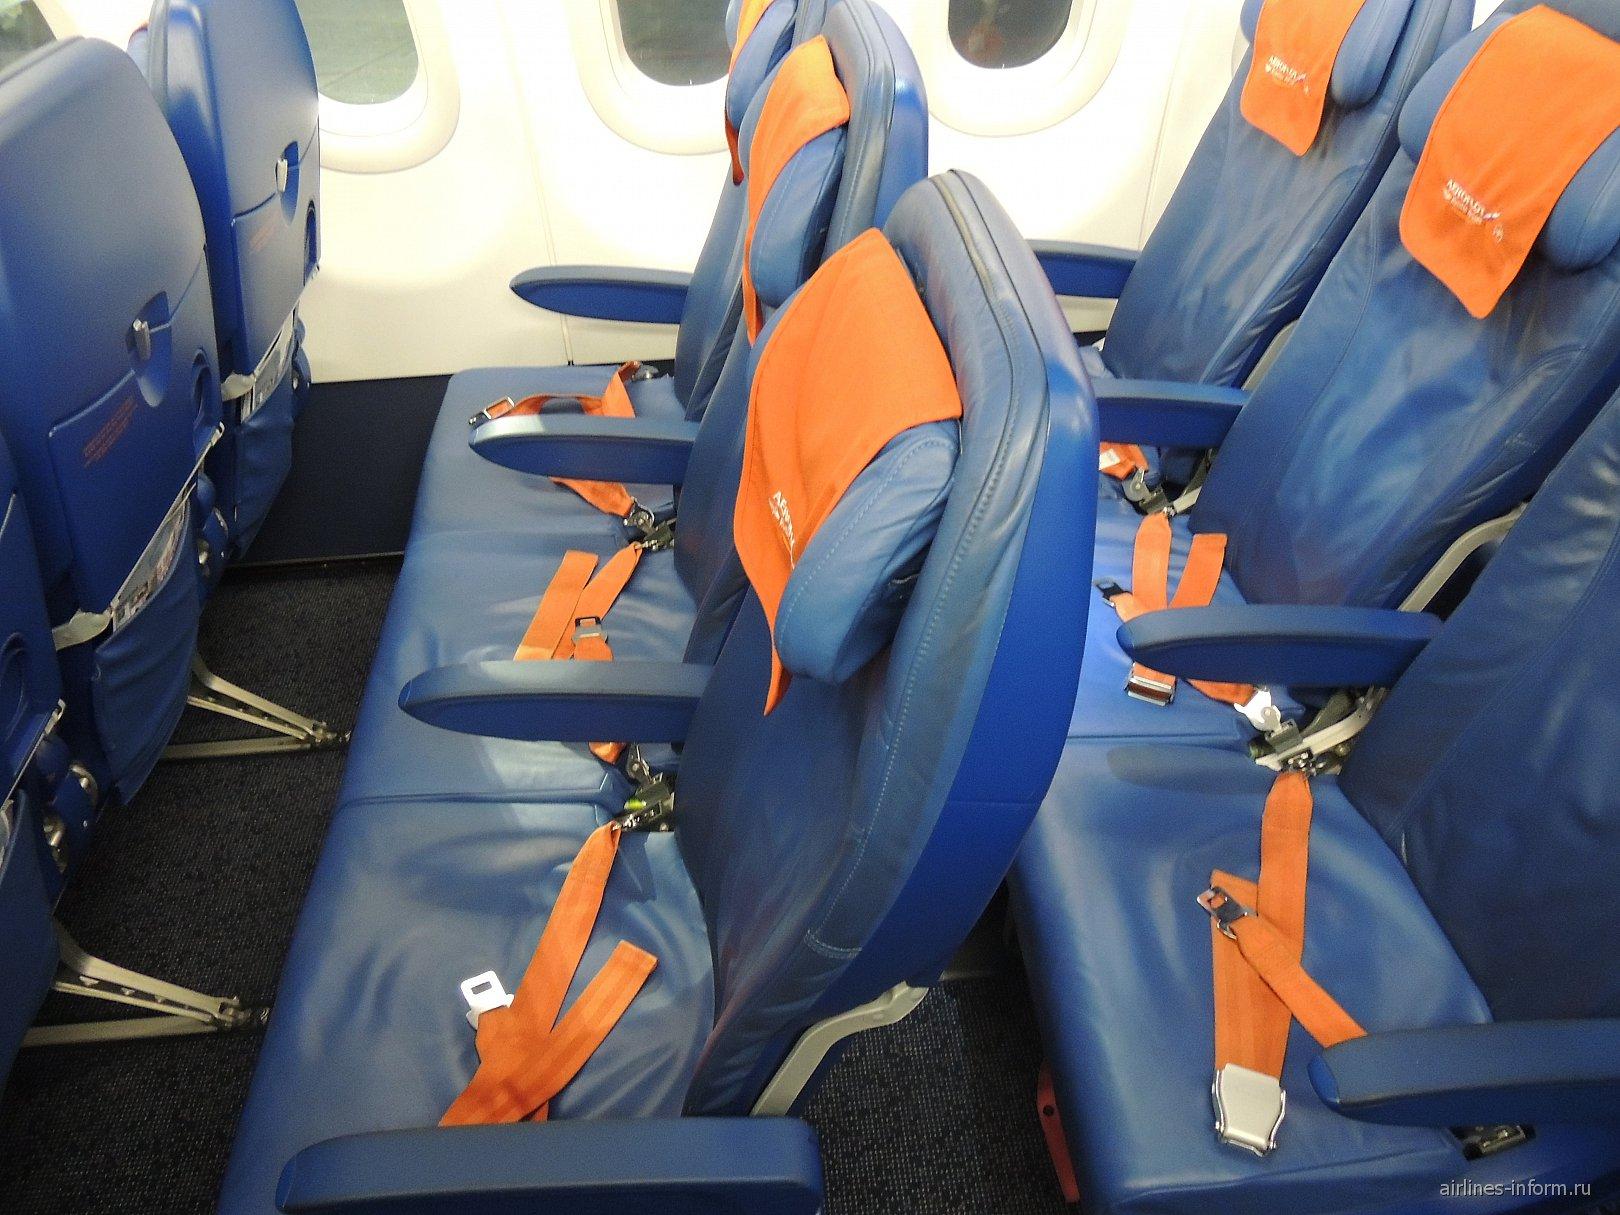 Кресла экономического класса в самолете Airbus A319 Аэрофлота